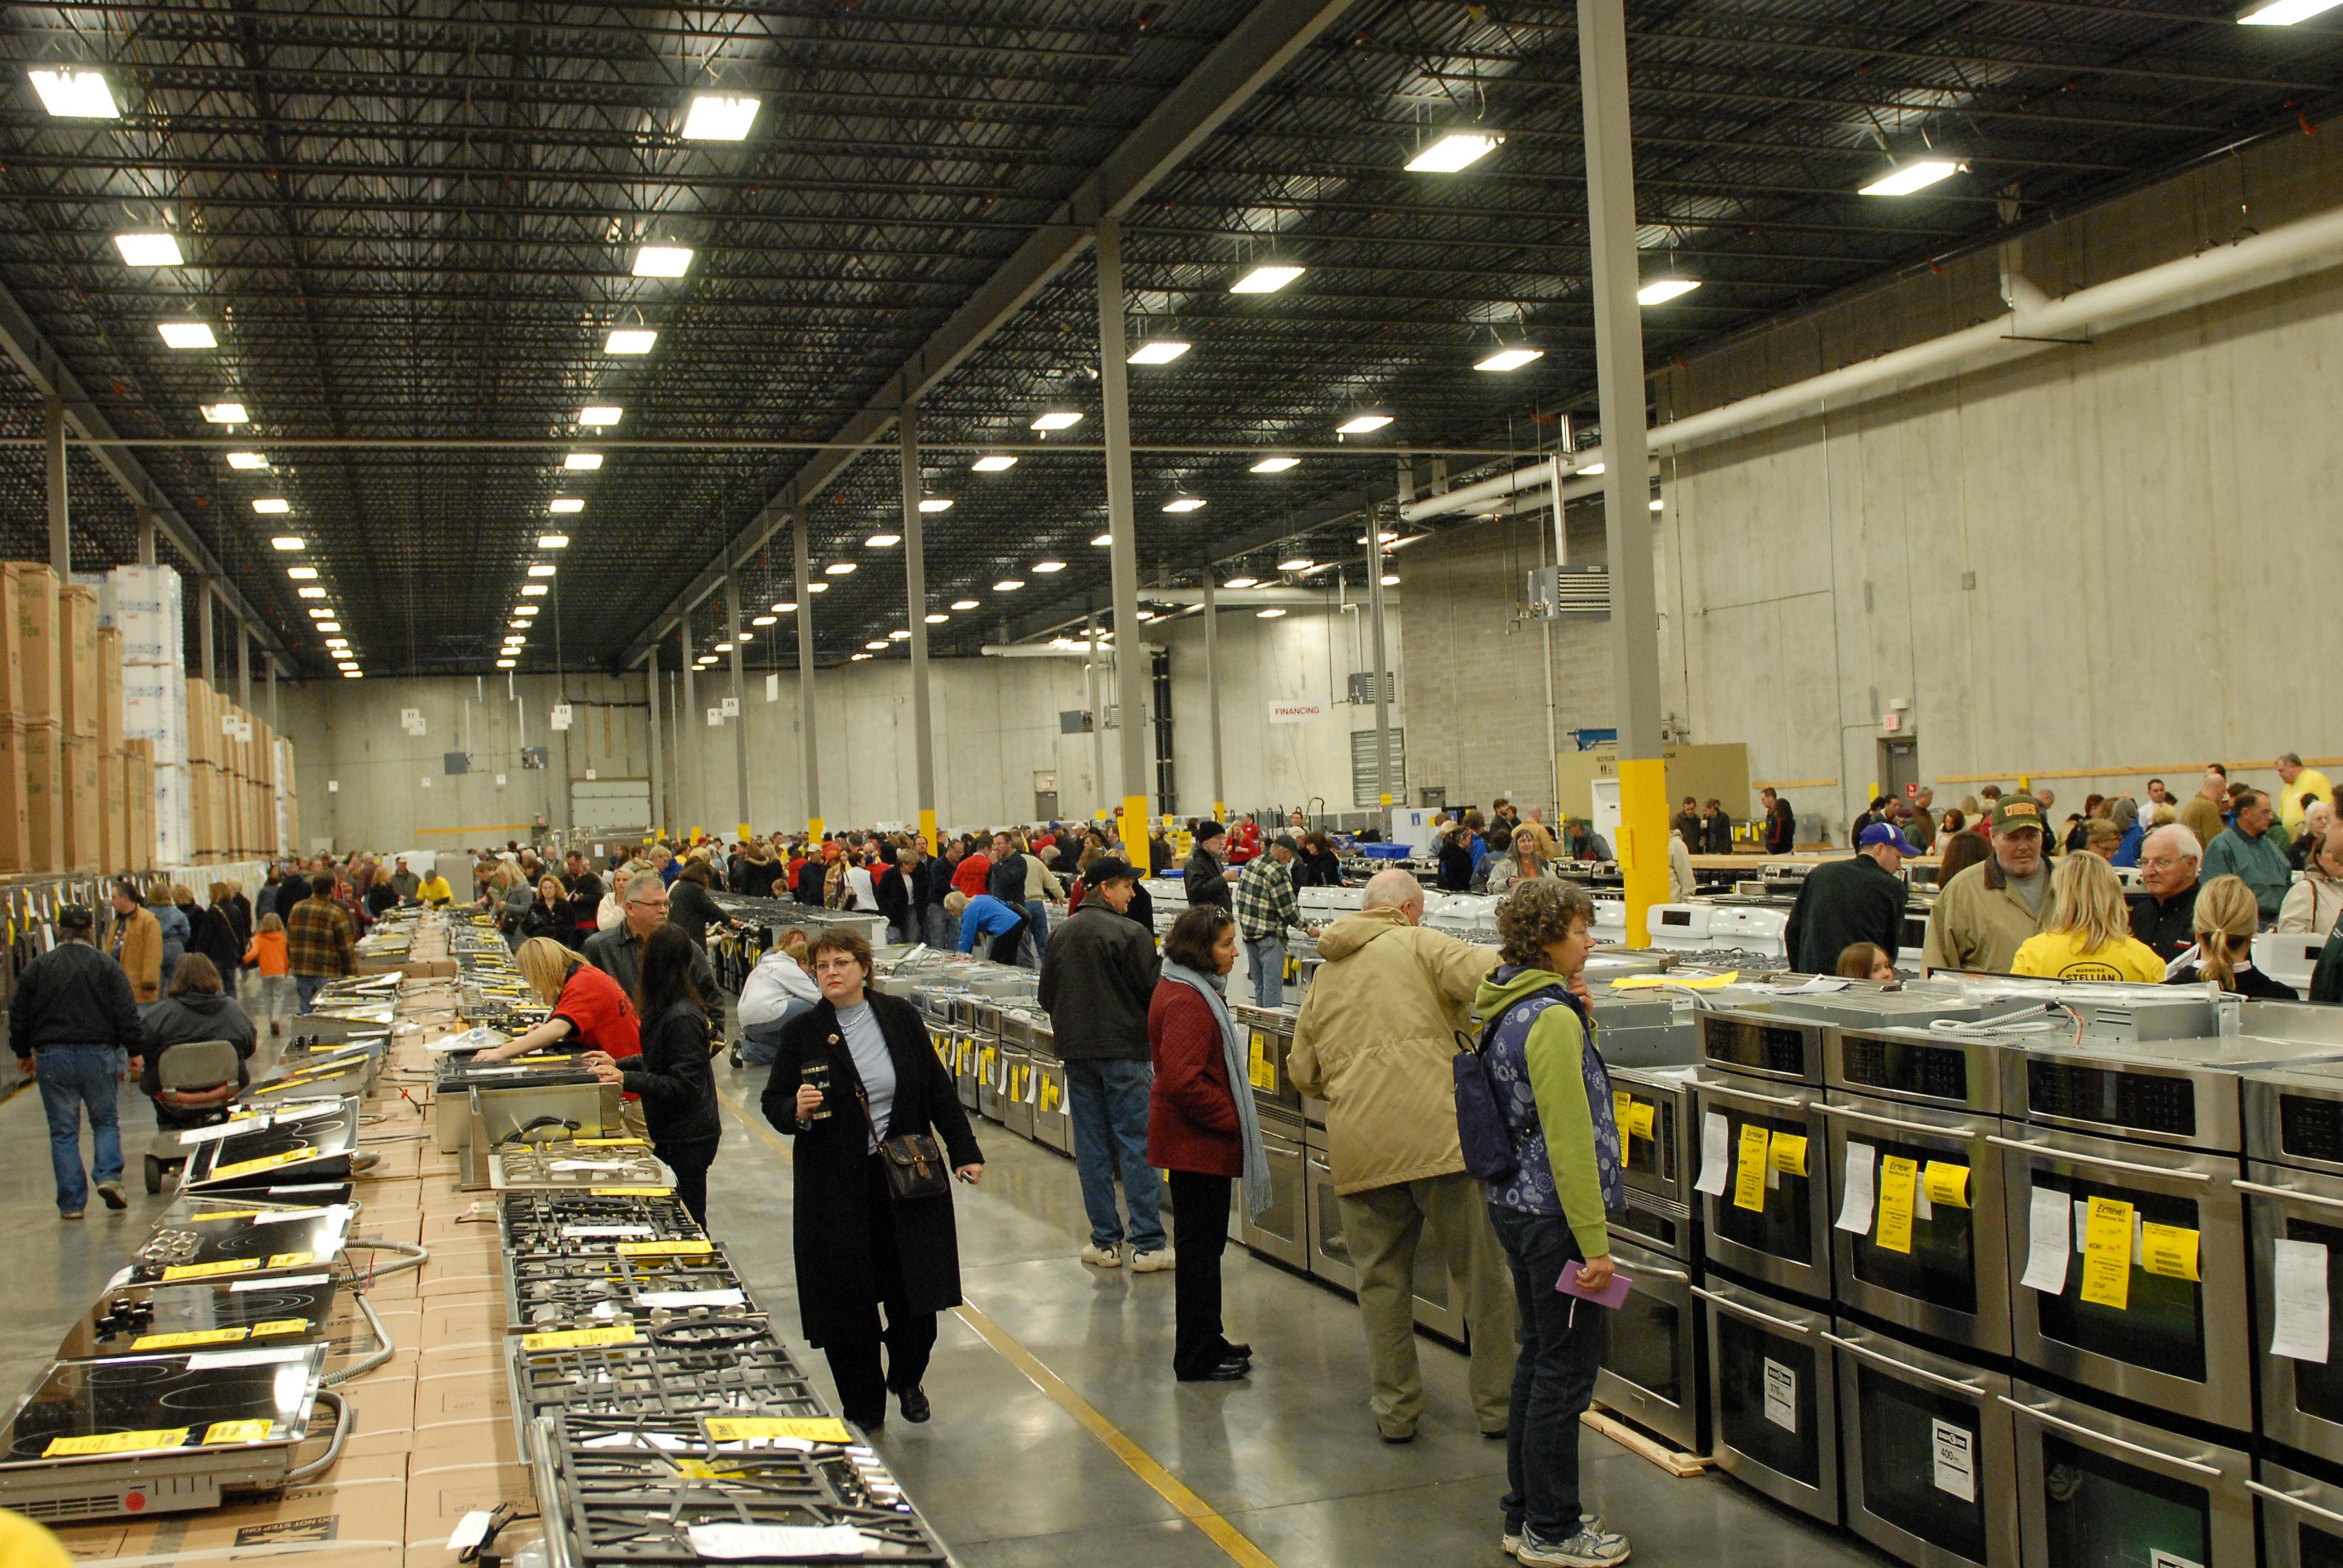 Warners stellian warehouse sale it s baa ack warner for Warners stellian